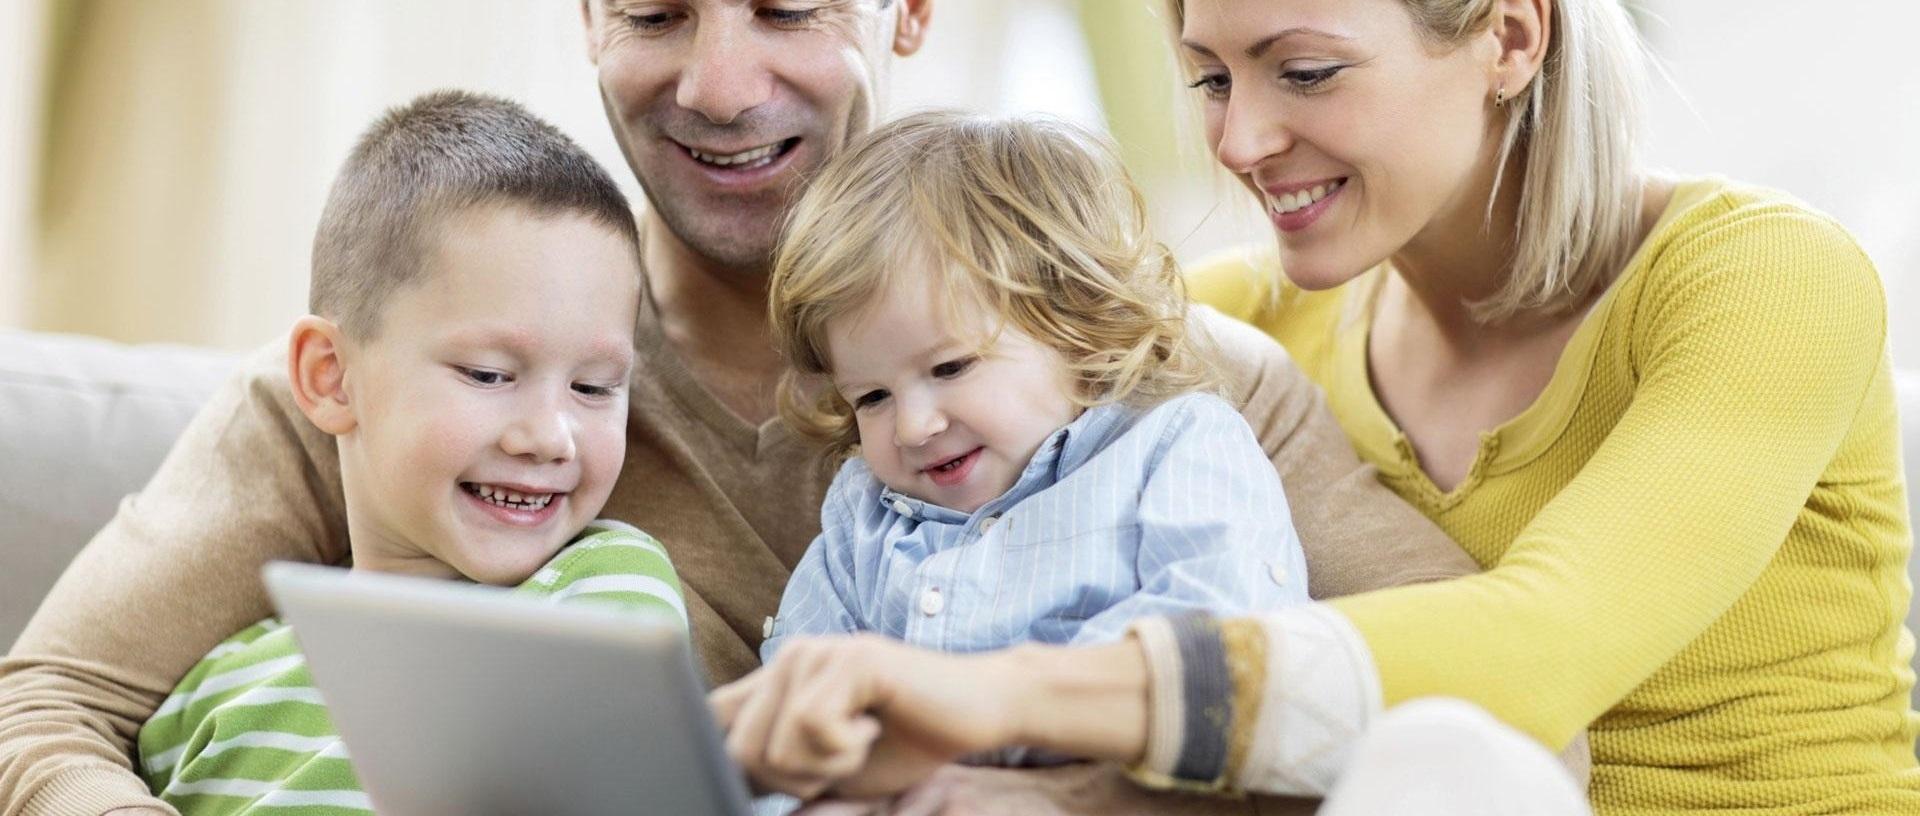 dijital-oyunlar-ve-ailenin-rolu